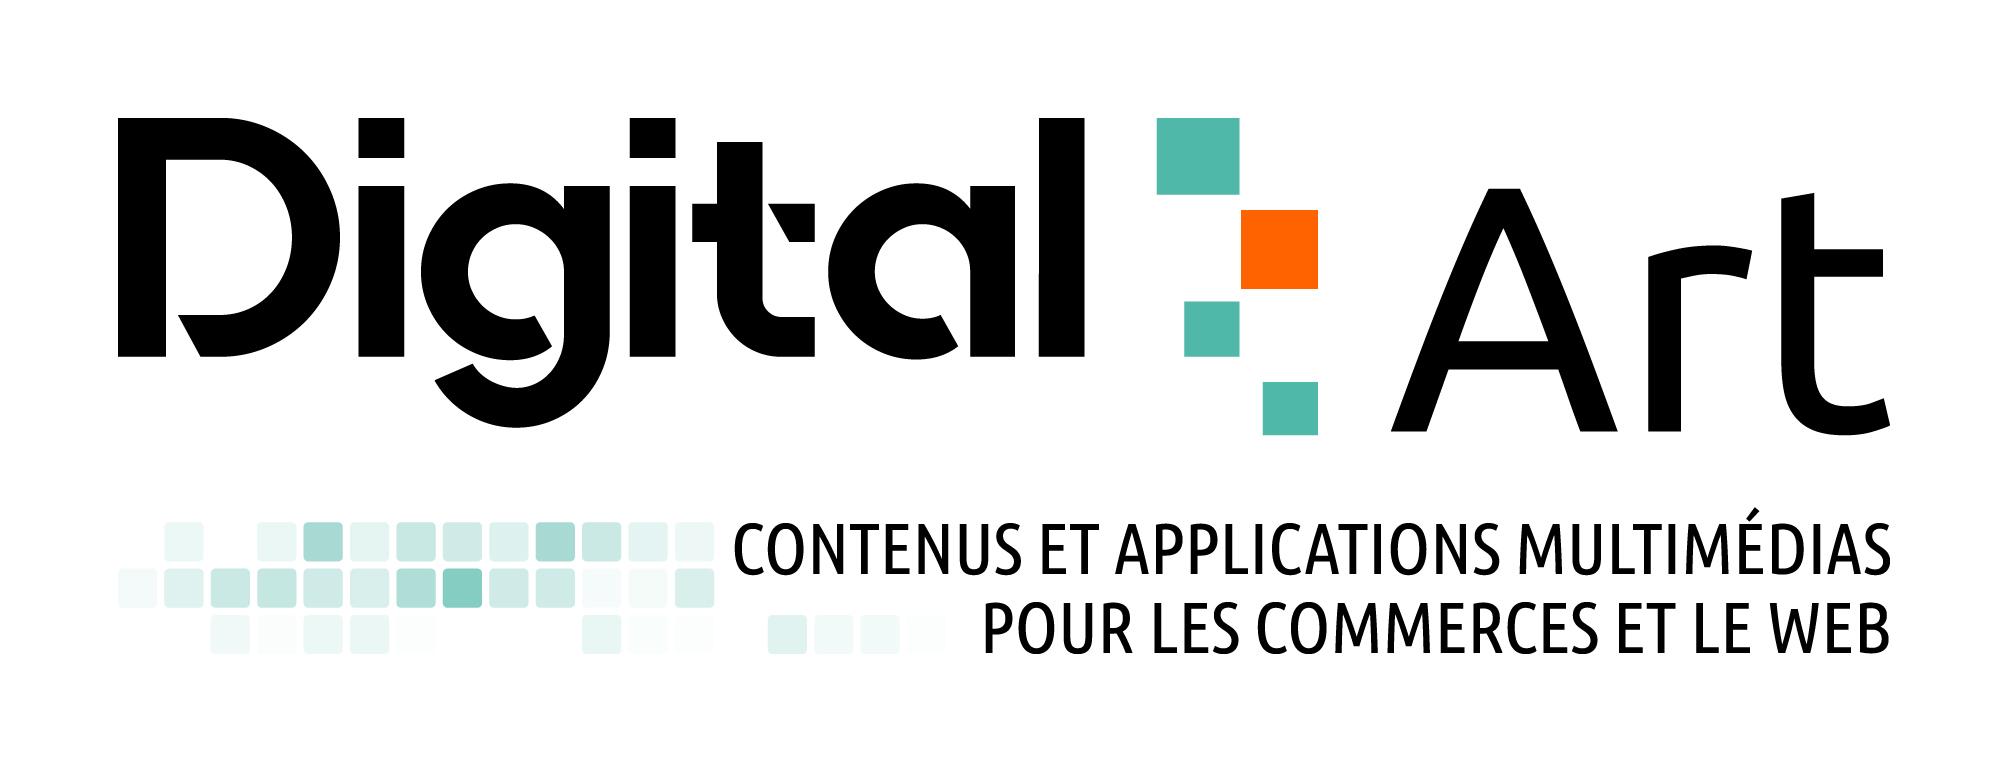 Contenus et applications multimédias pour les commerces et le web